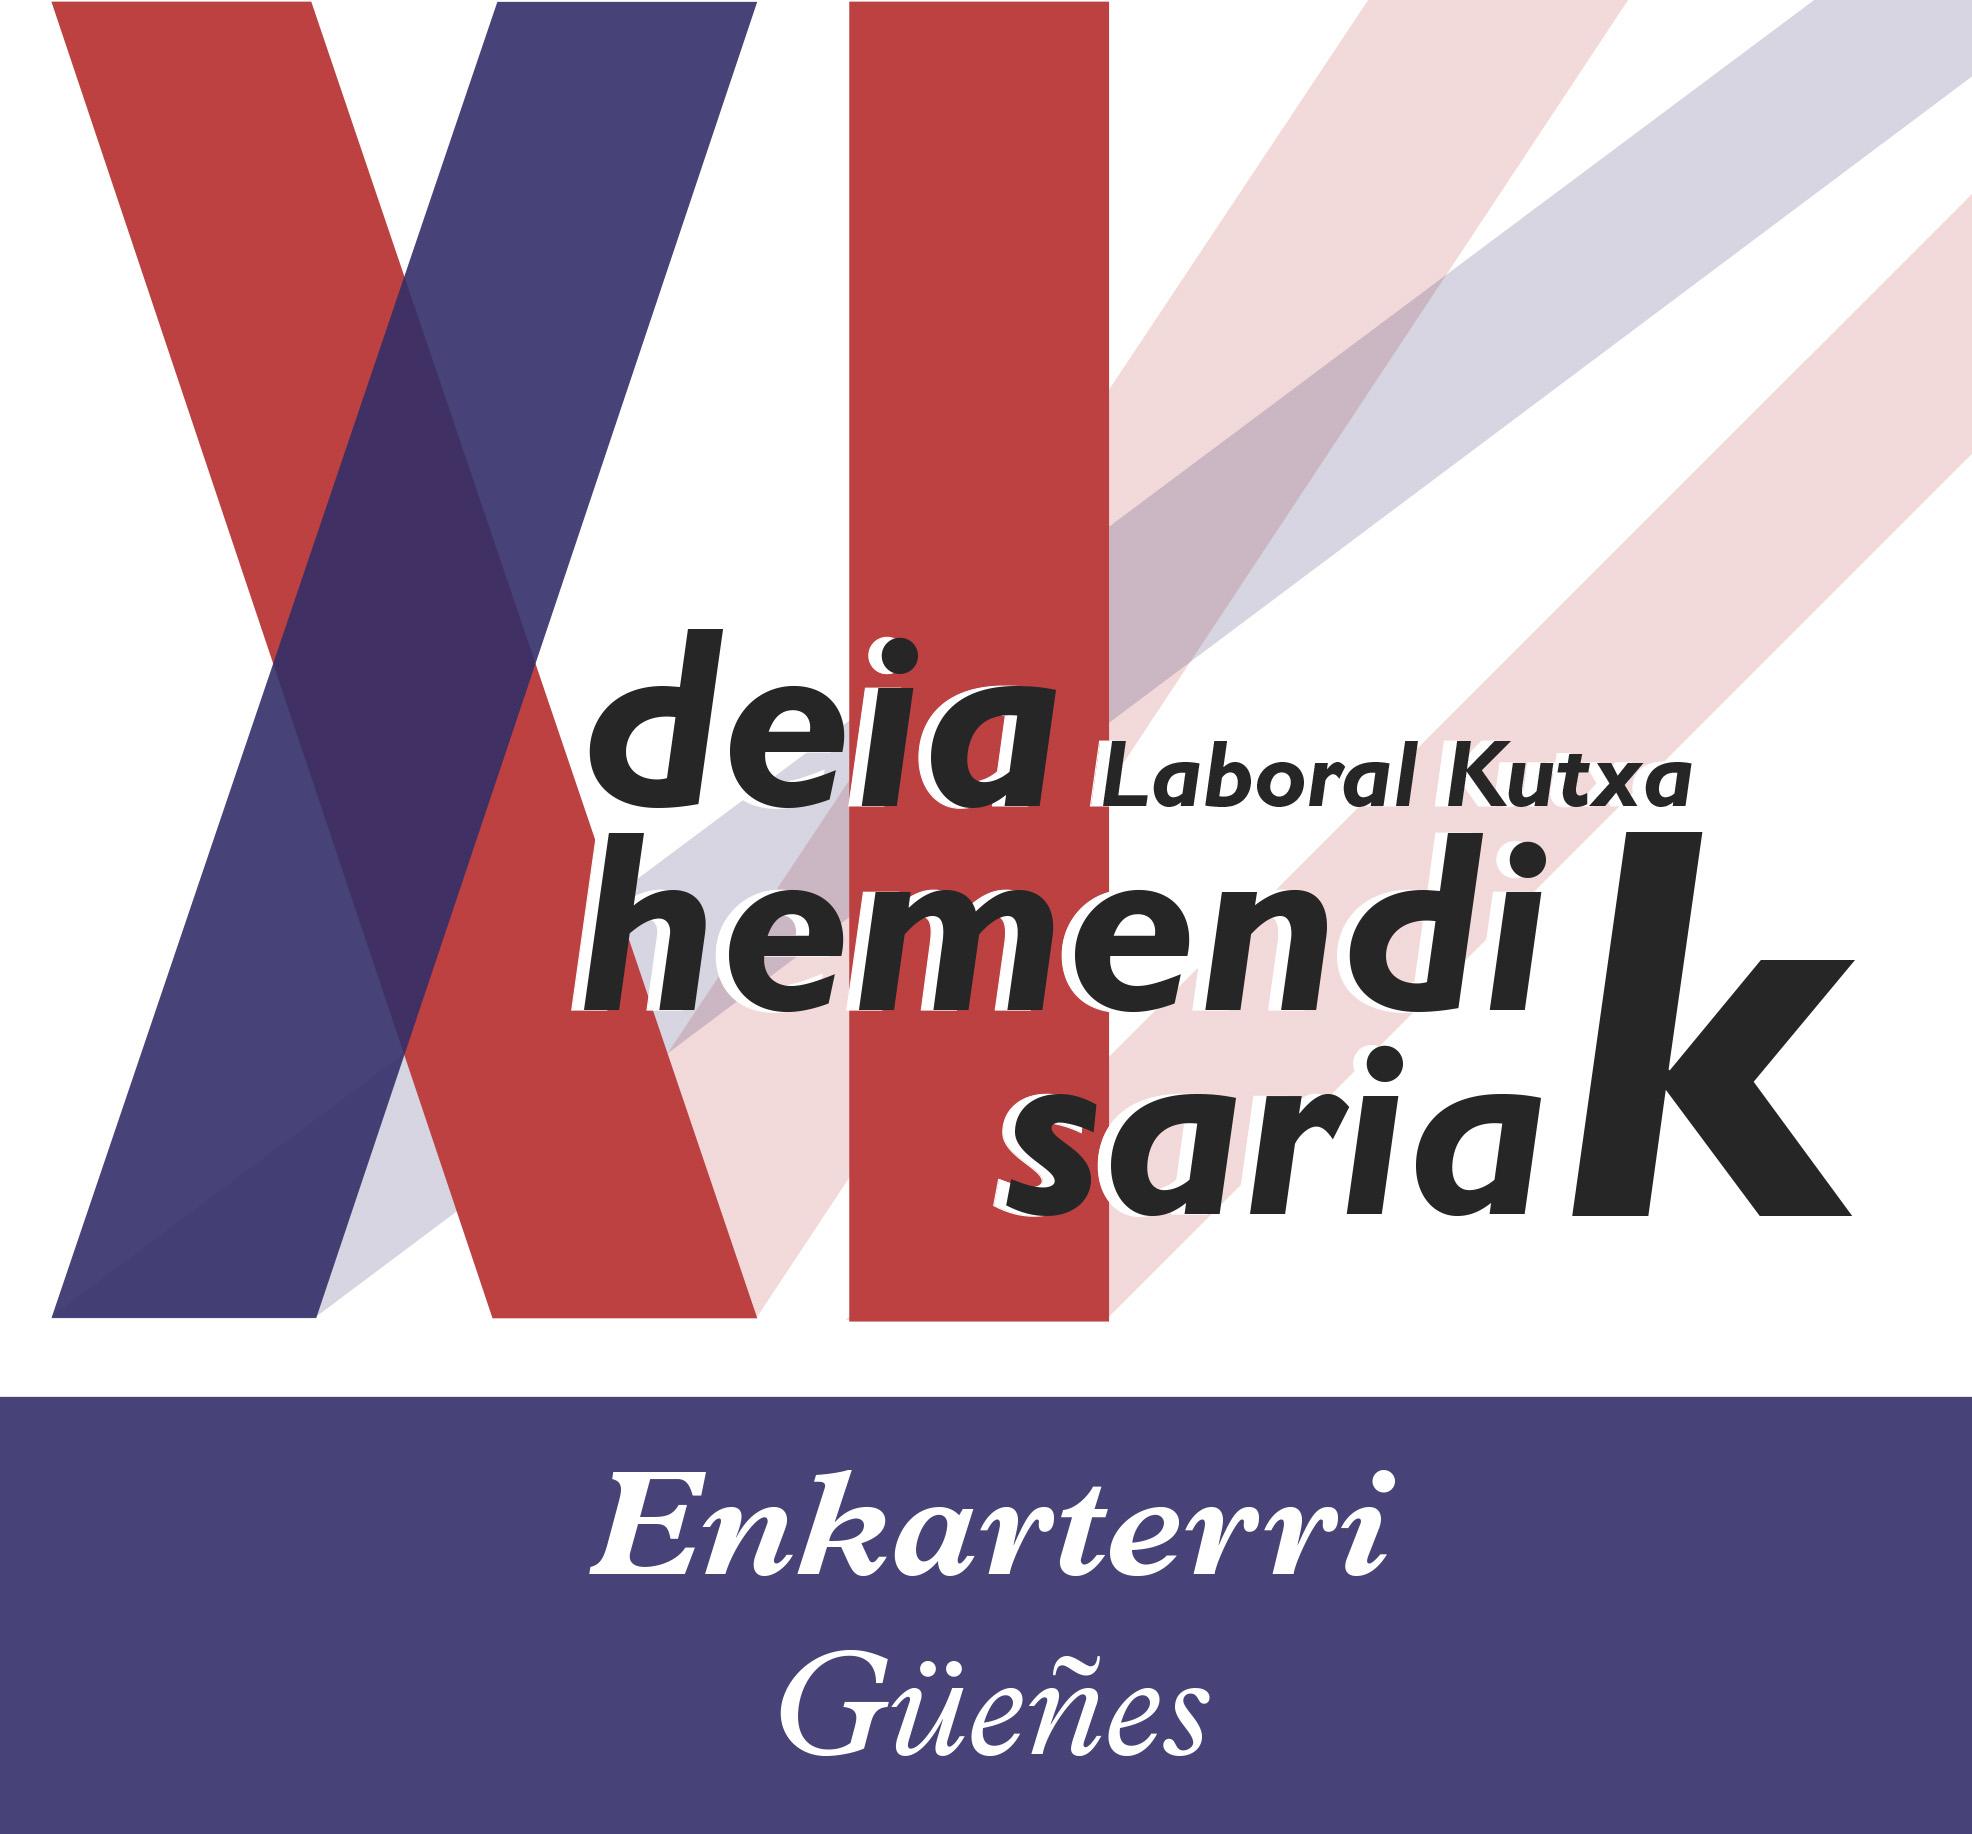 Deia Hemendik Sariak – Enkarterri / Güeñes